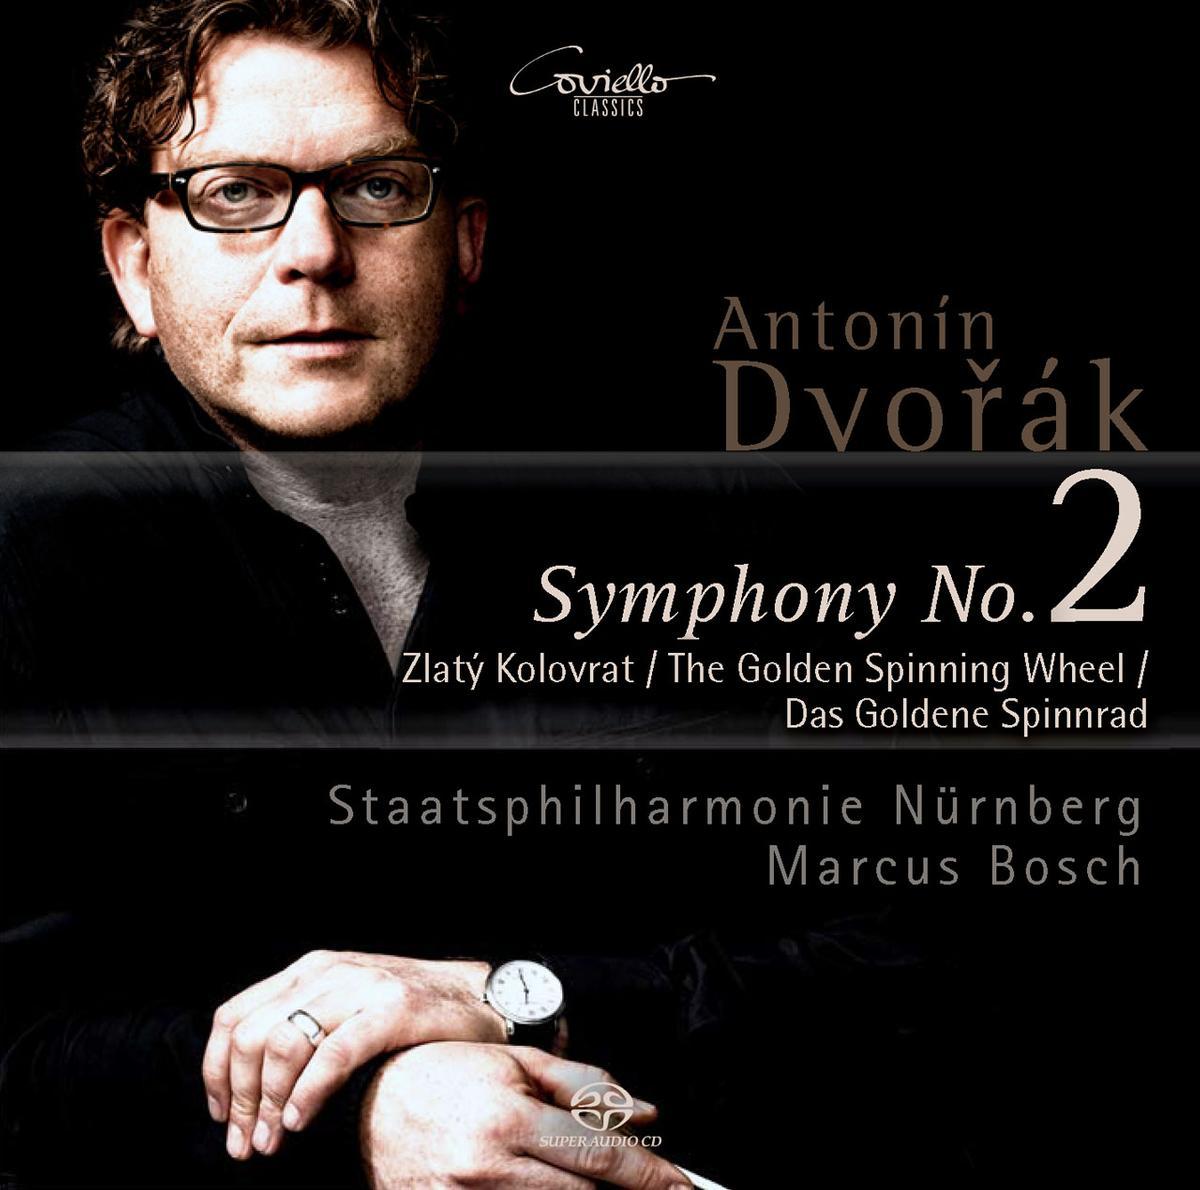 Staatsphilharmonie Nürnberg – Antonín Dvorák Symphonie No. 2 / Das Goldene Spinnrad